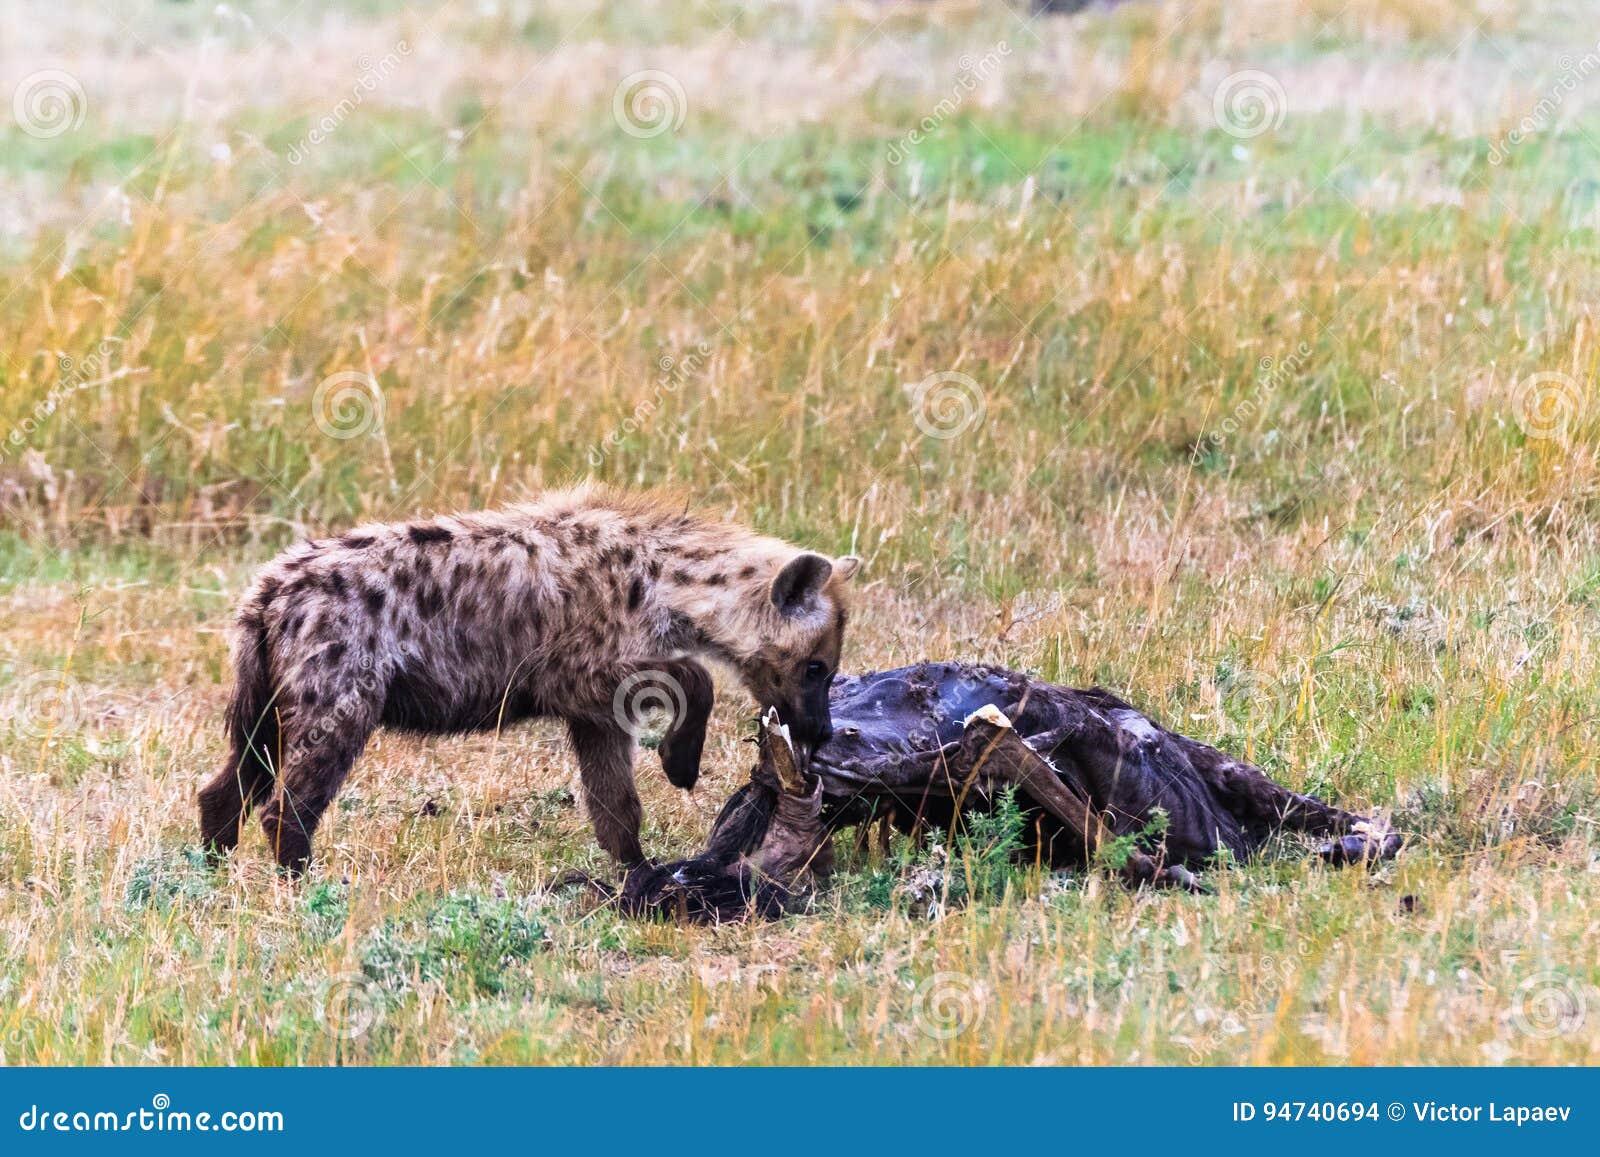 Łaciasta hiena w sawannie z zdobyczem mara masajów